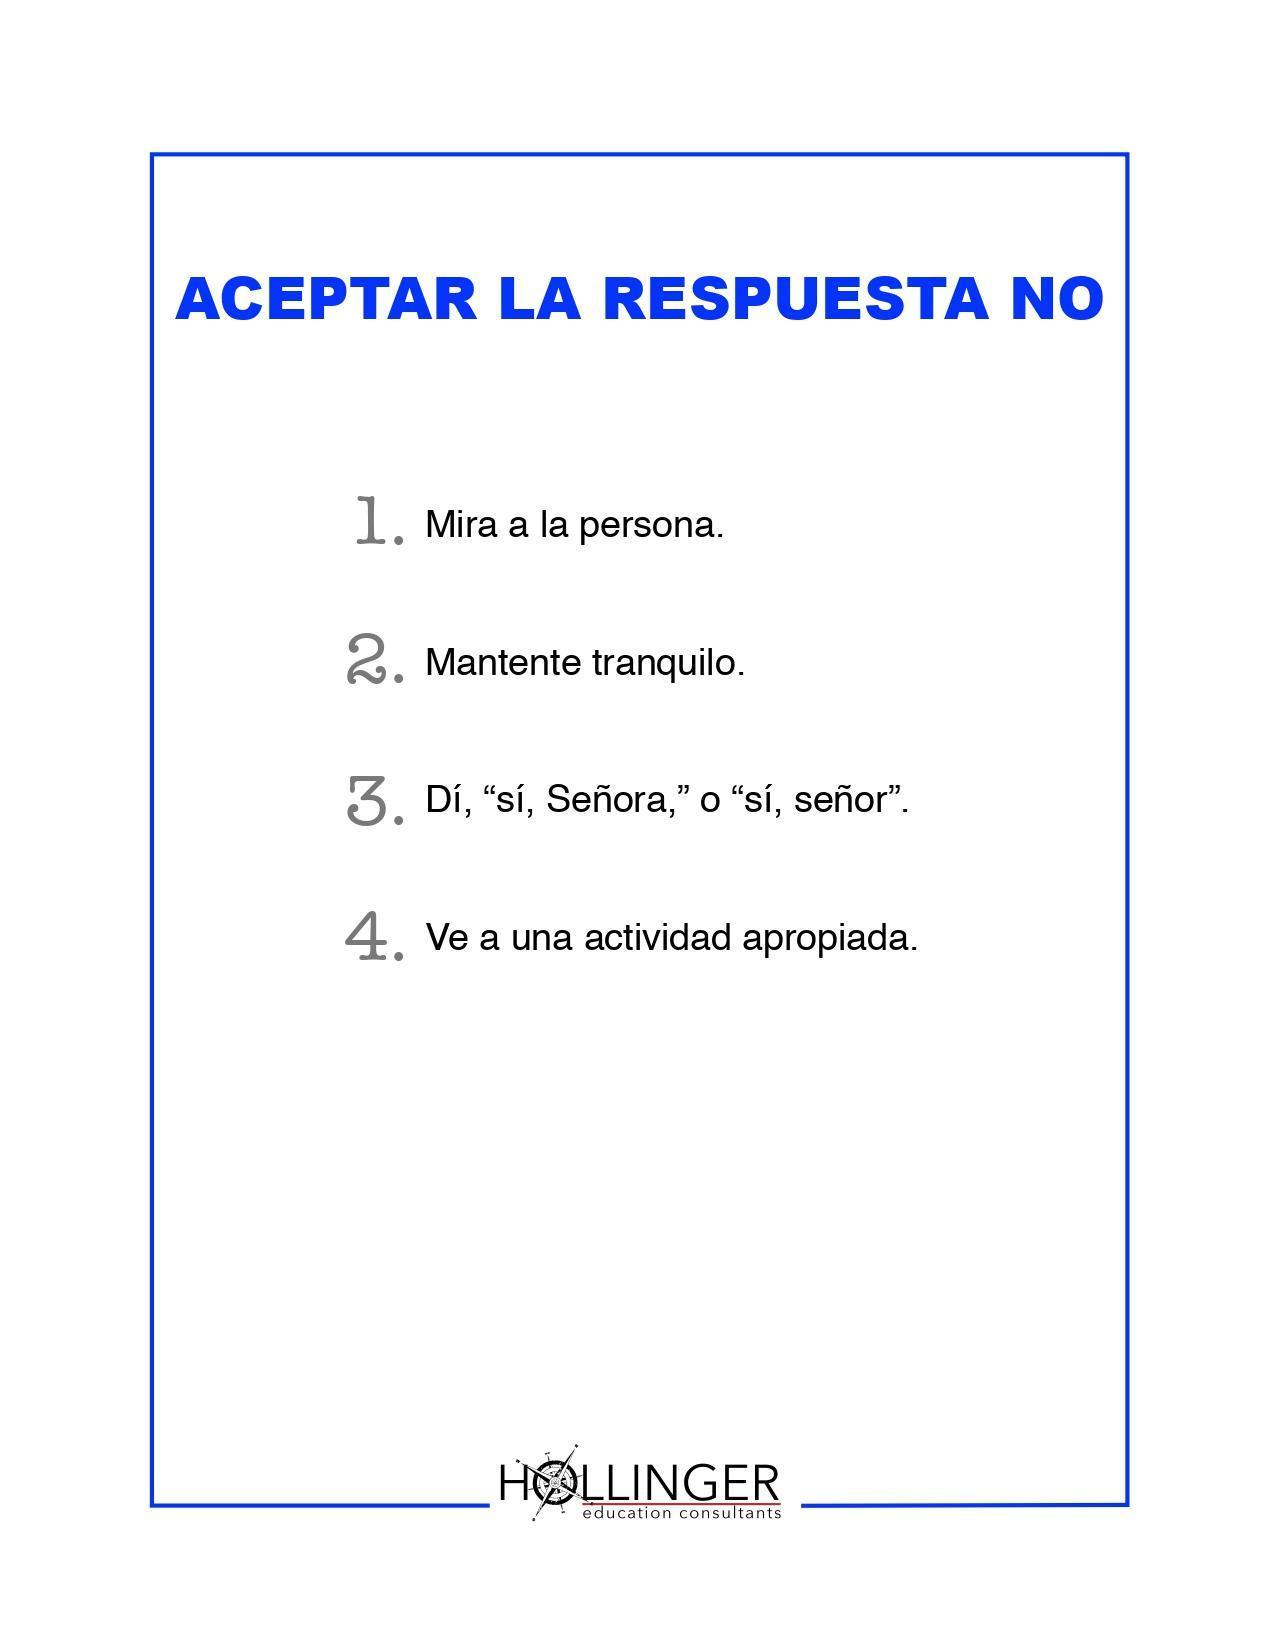 Aceptar La Respuesta No - (Spanish)